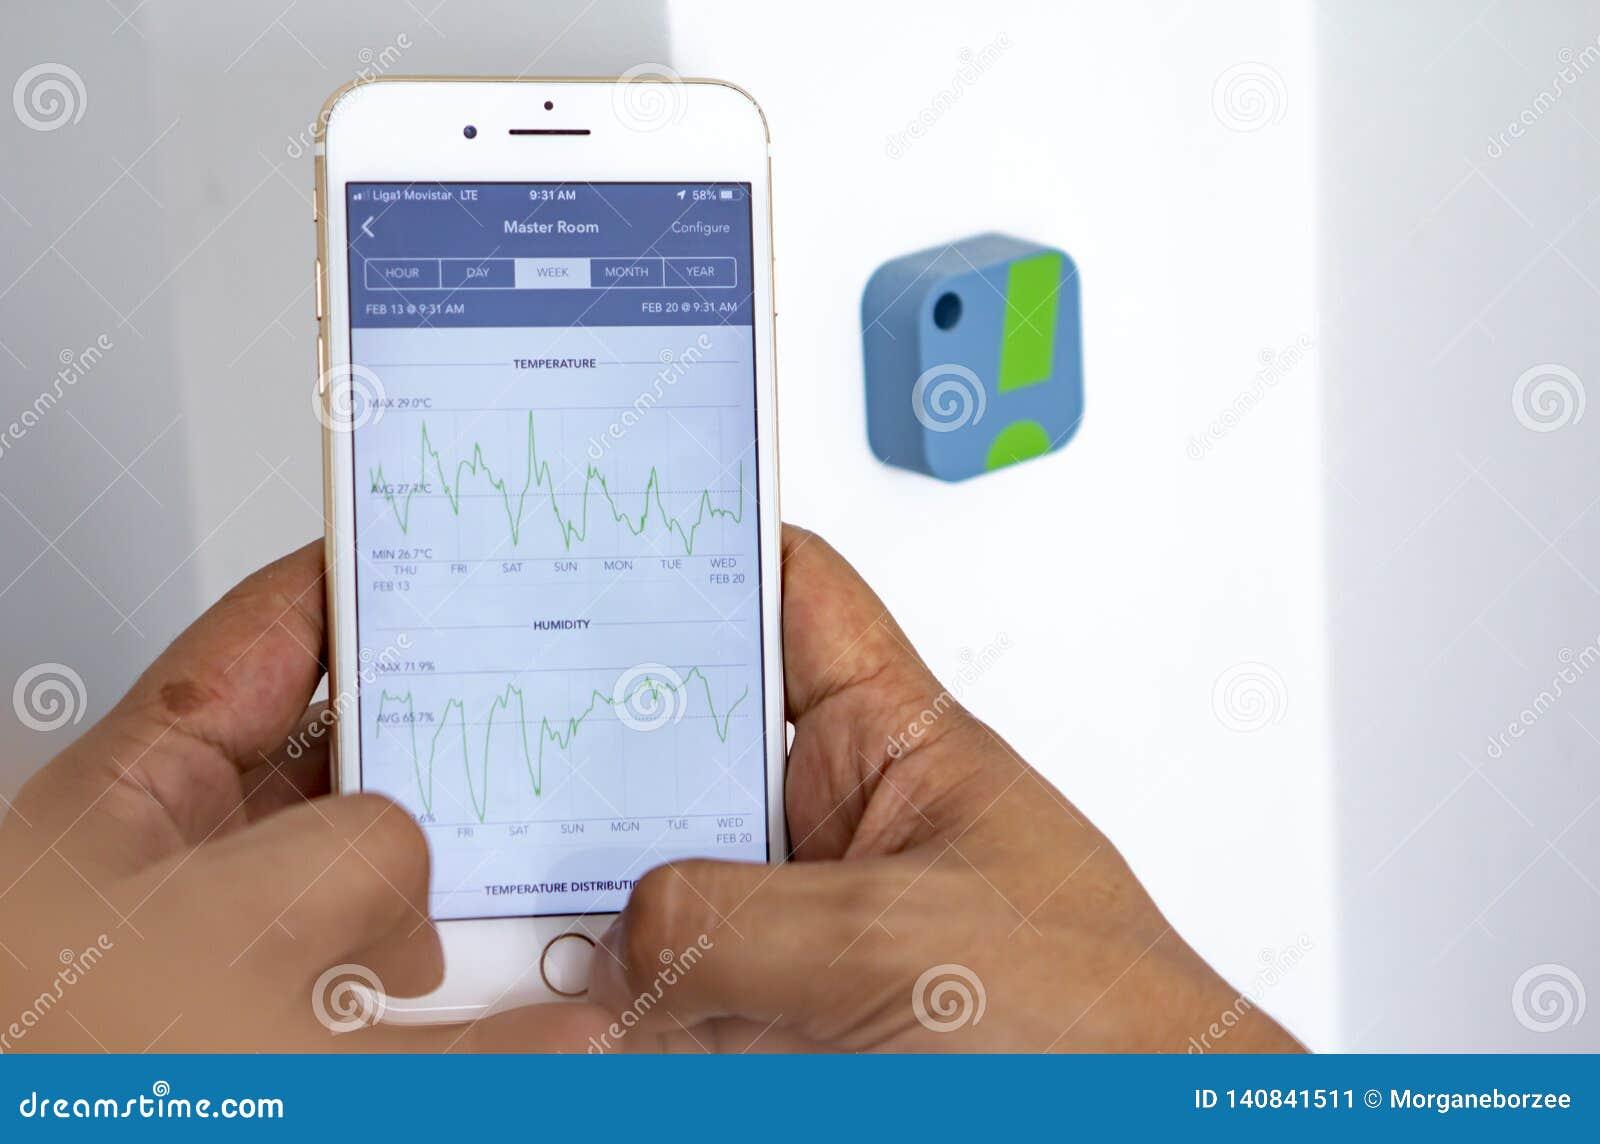 Επίπεδα εγχώριας υγρασίας ελέγχου ατόμων με app